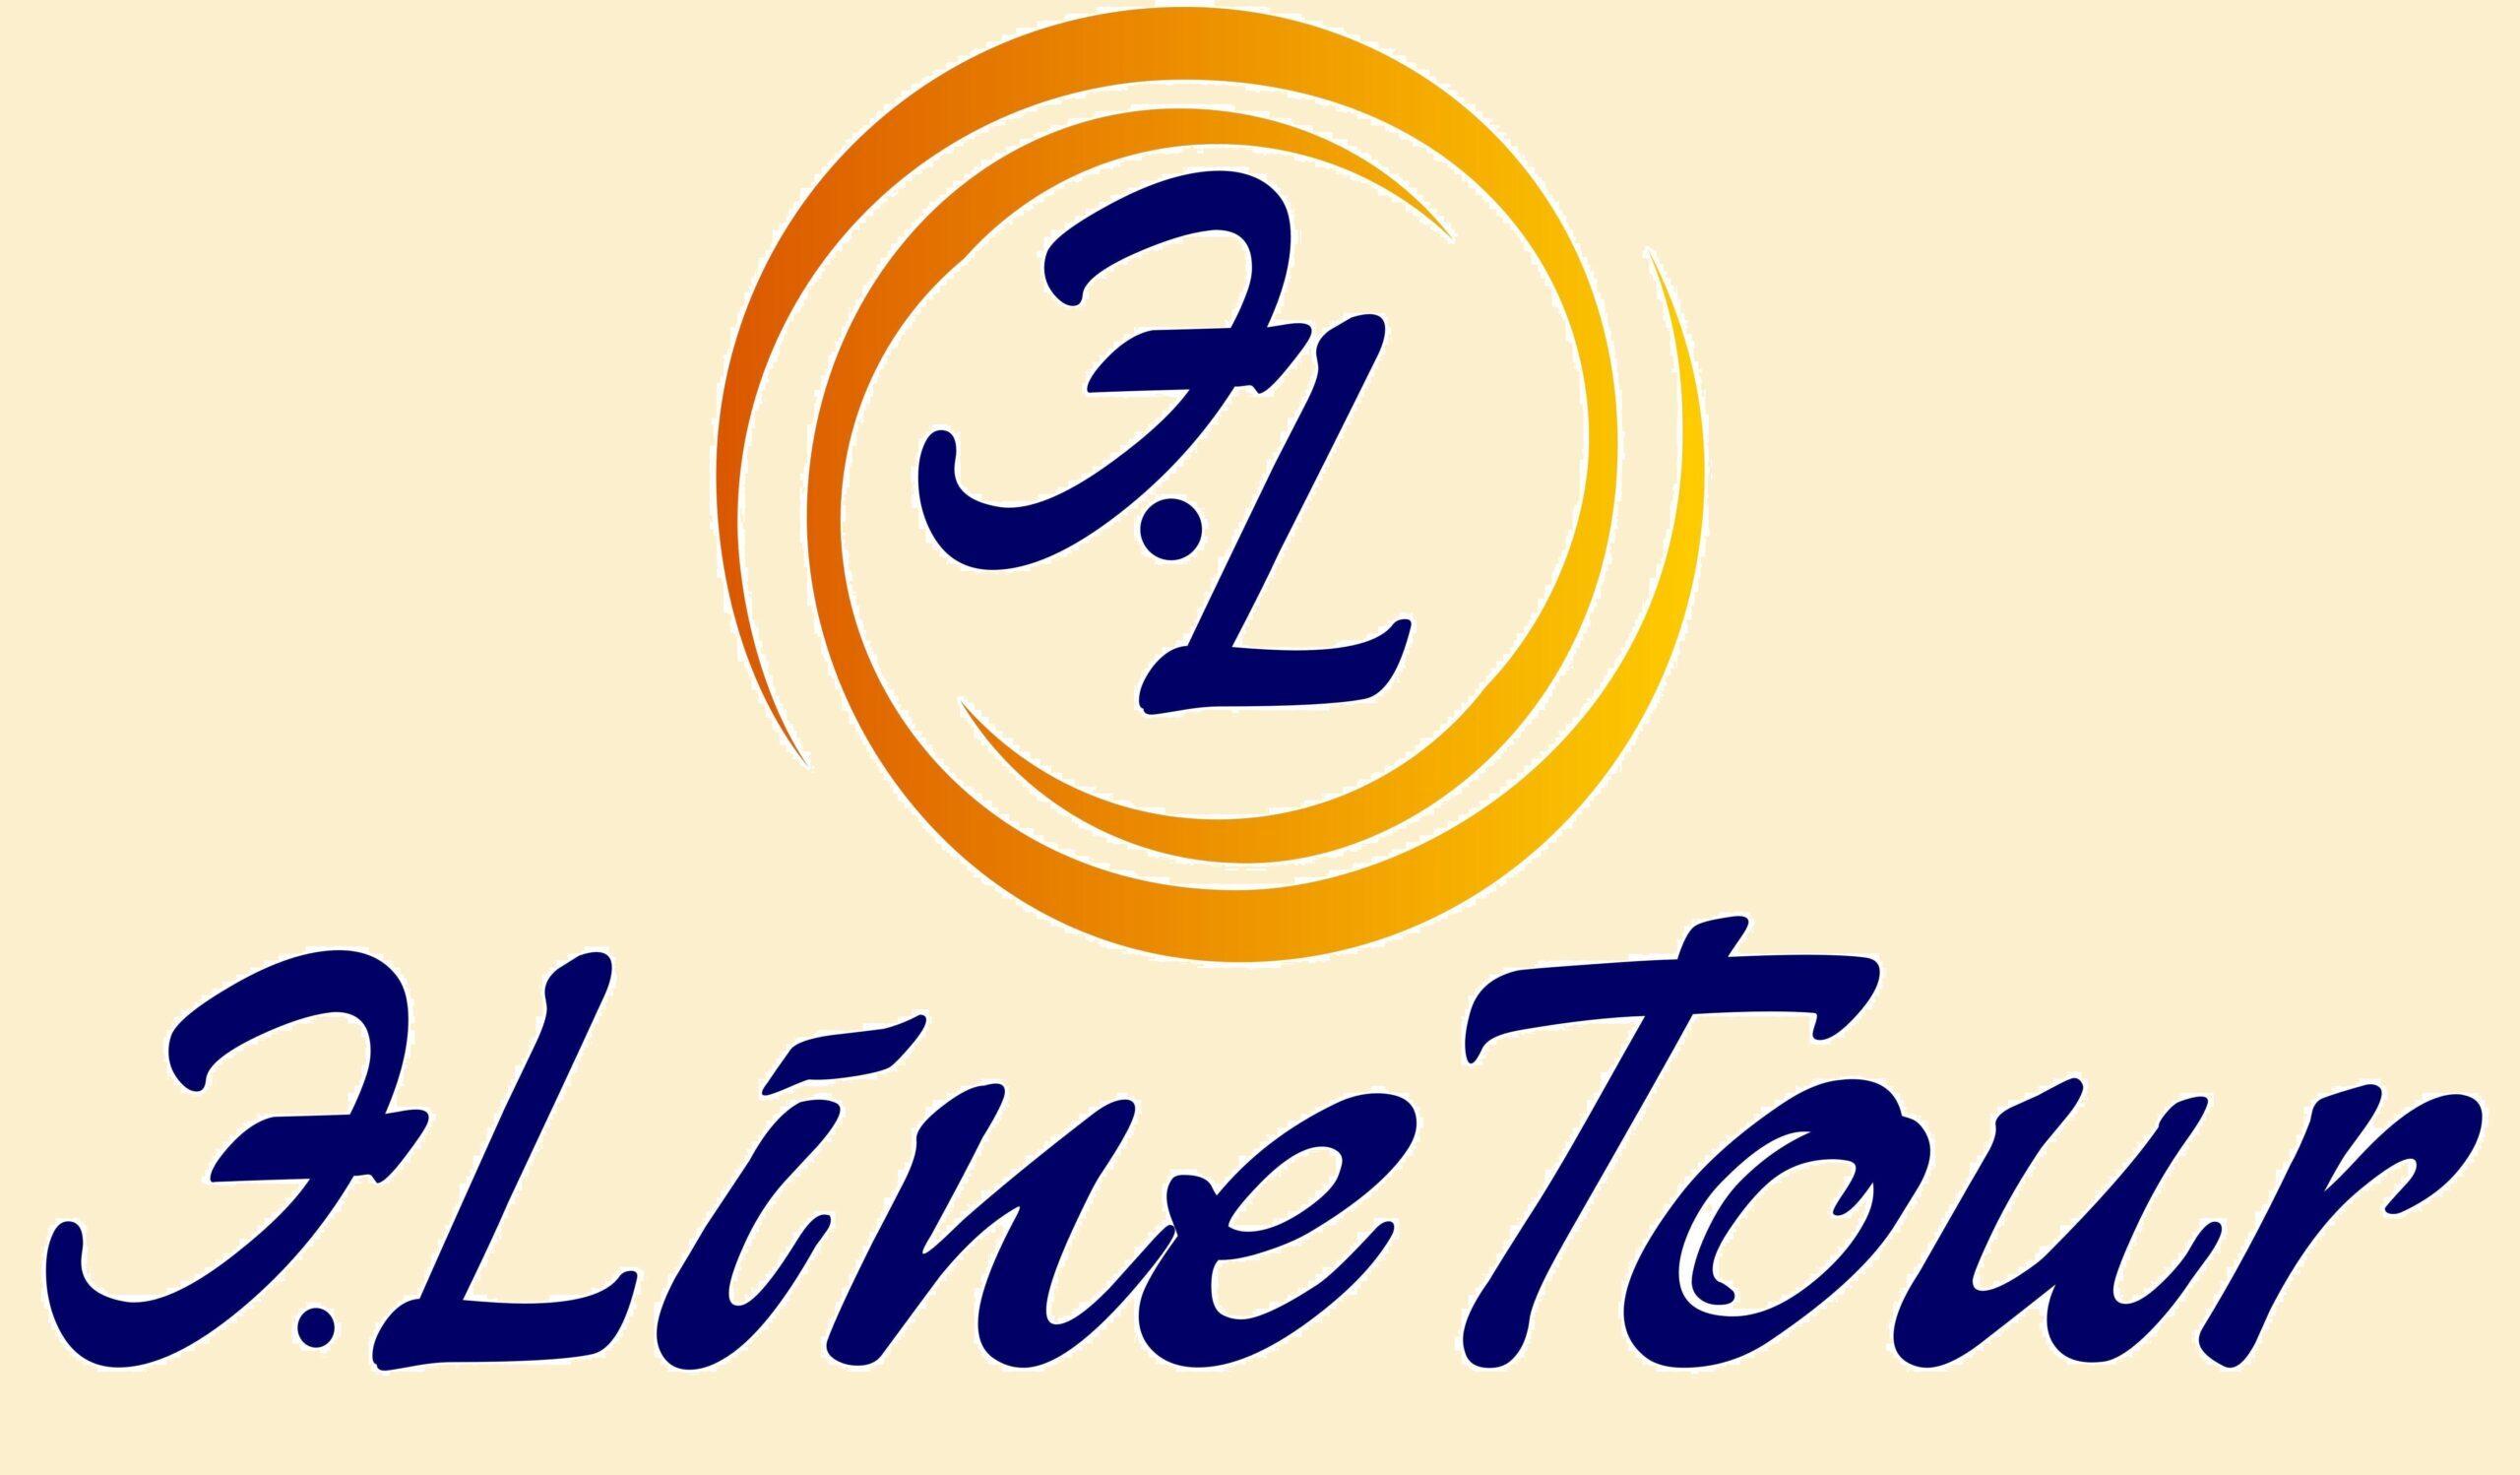 E-Line Tour